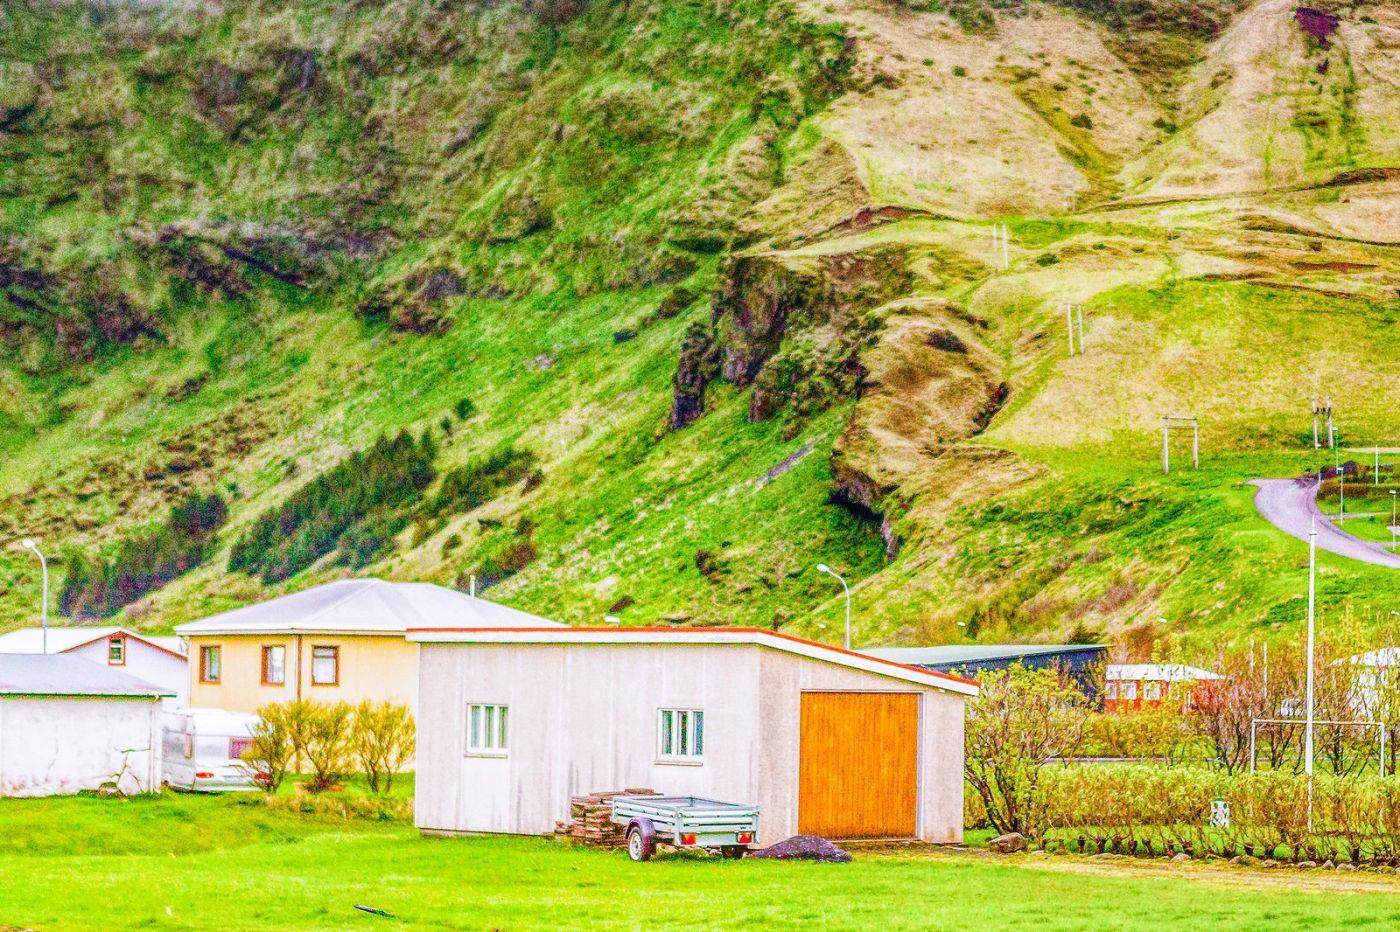 冰岛风采,大山民舍羊群_图1-21